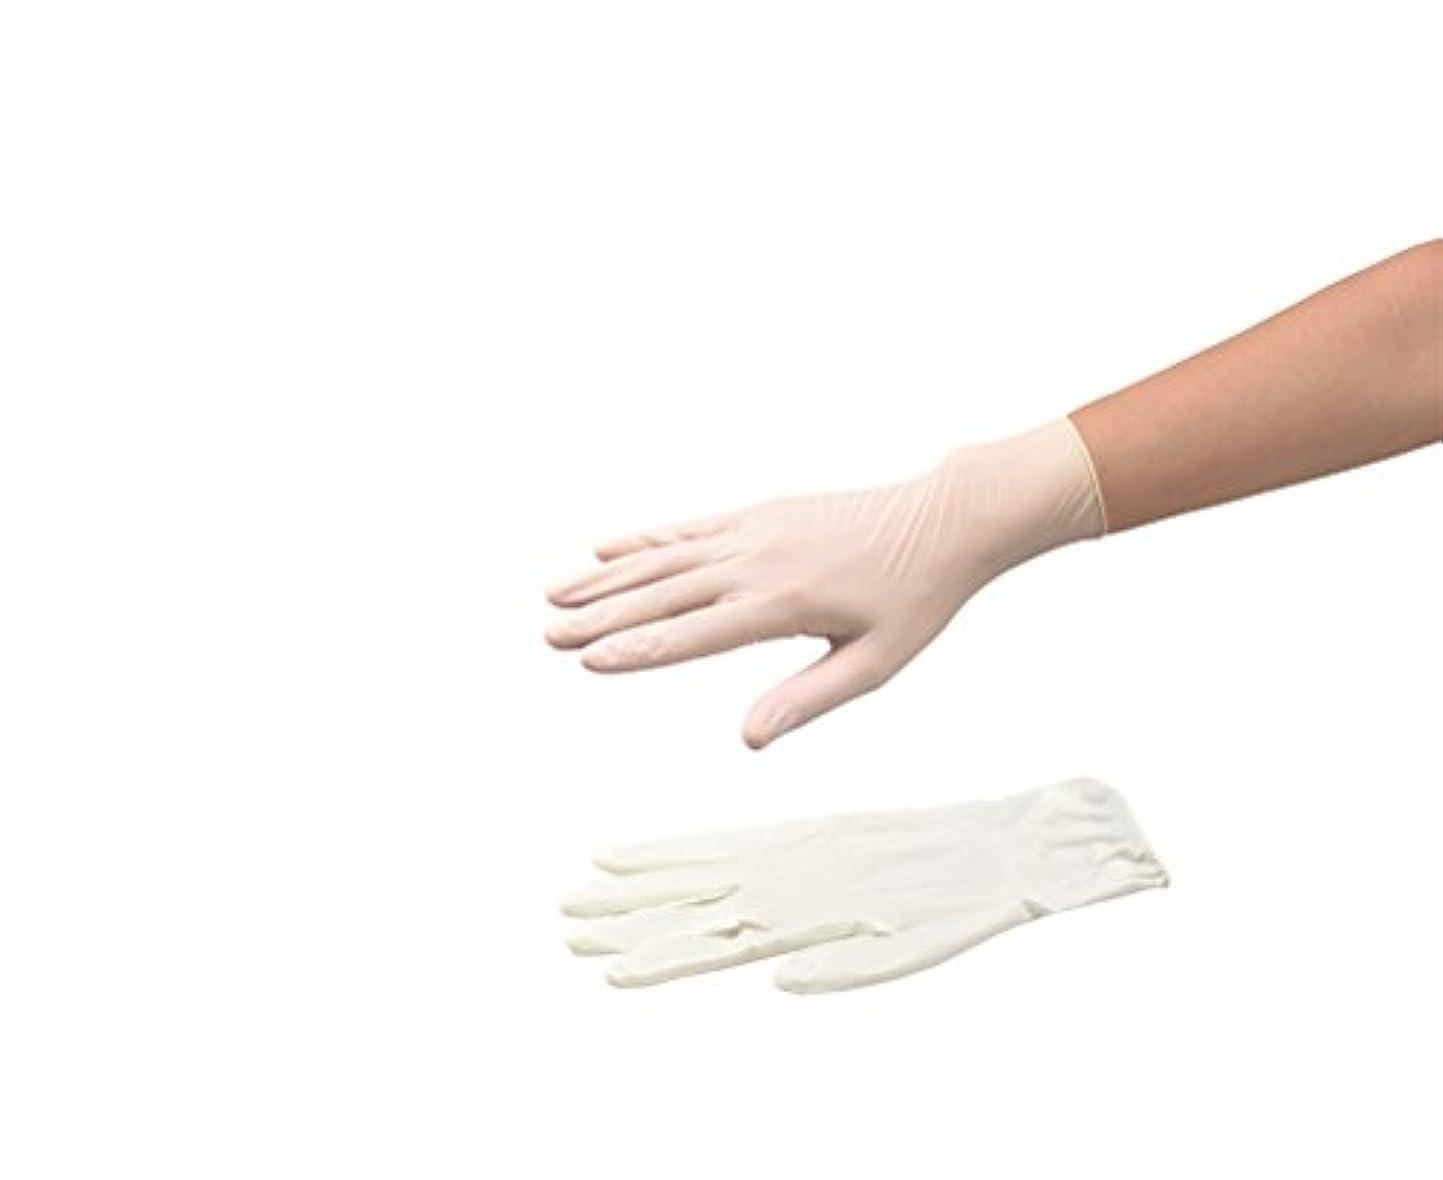 開業医コマンドナビロール手袋(指先エンボス?エコノミータイプ?パウダー付) SS 1箱(100枚入) /8-9970-04